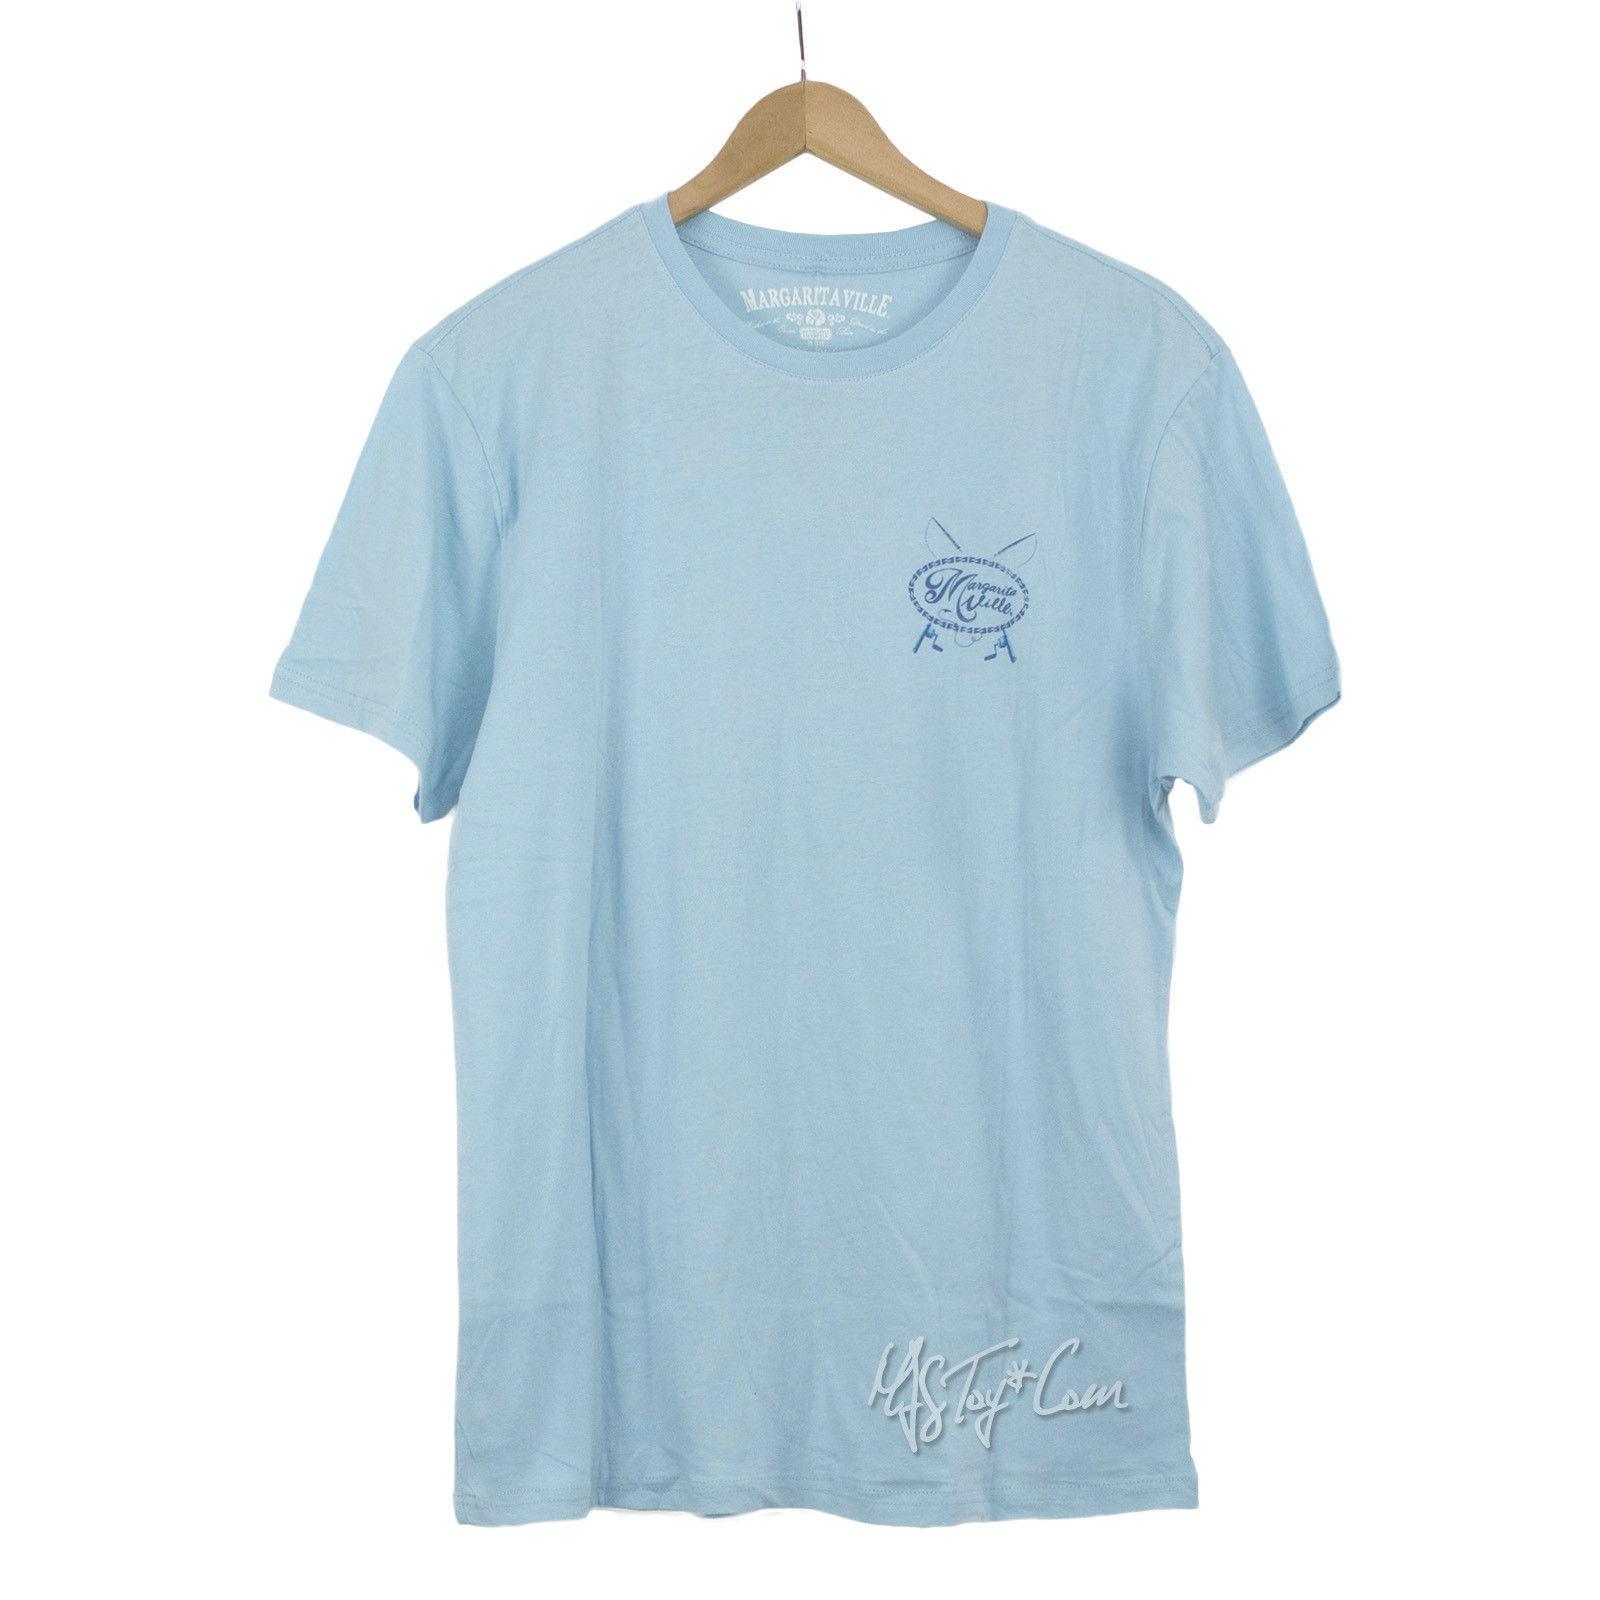 Nwt jimmy buffett 39 s margaritaville men blue cotton t shirt for Mens 3xl t shirts